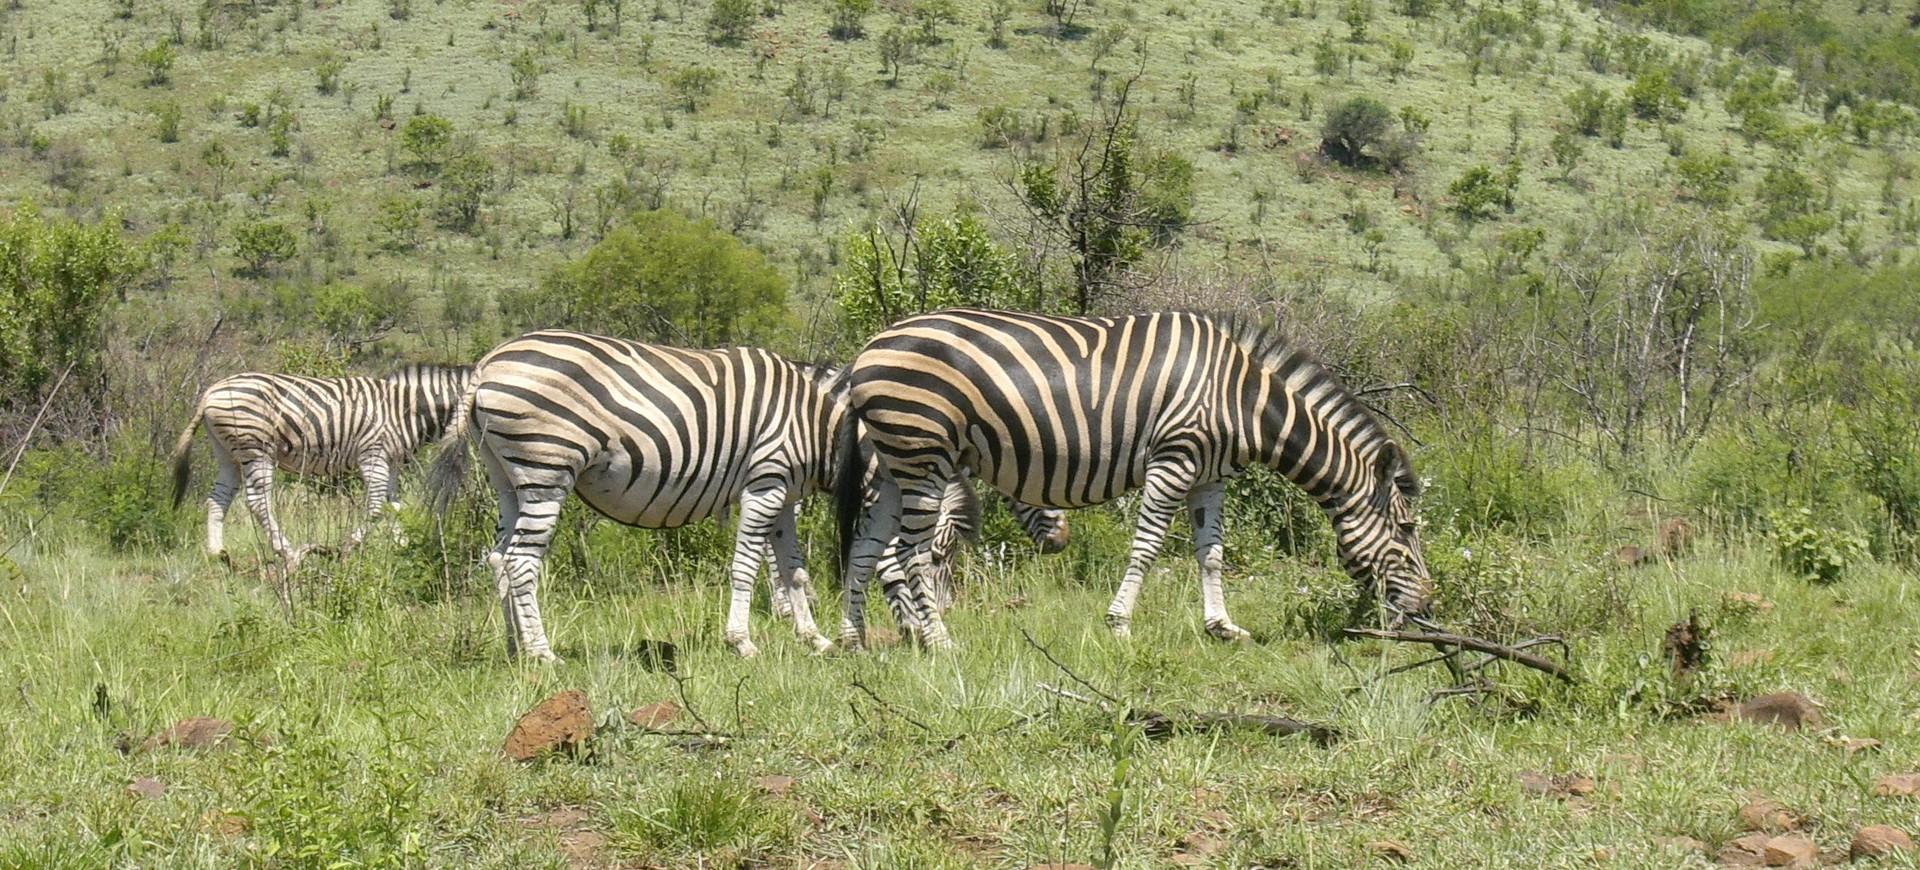 Troupeau  de Zèbres dans le Kruger Parc en Afrique du Sud